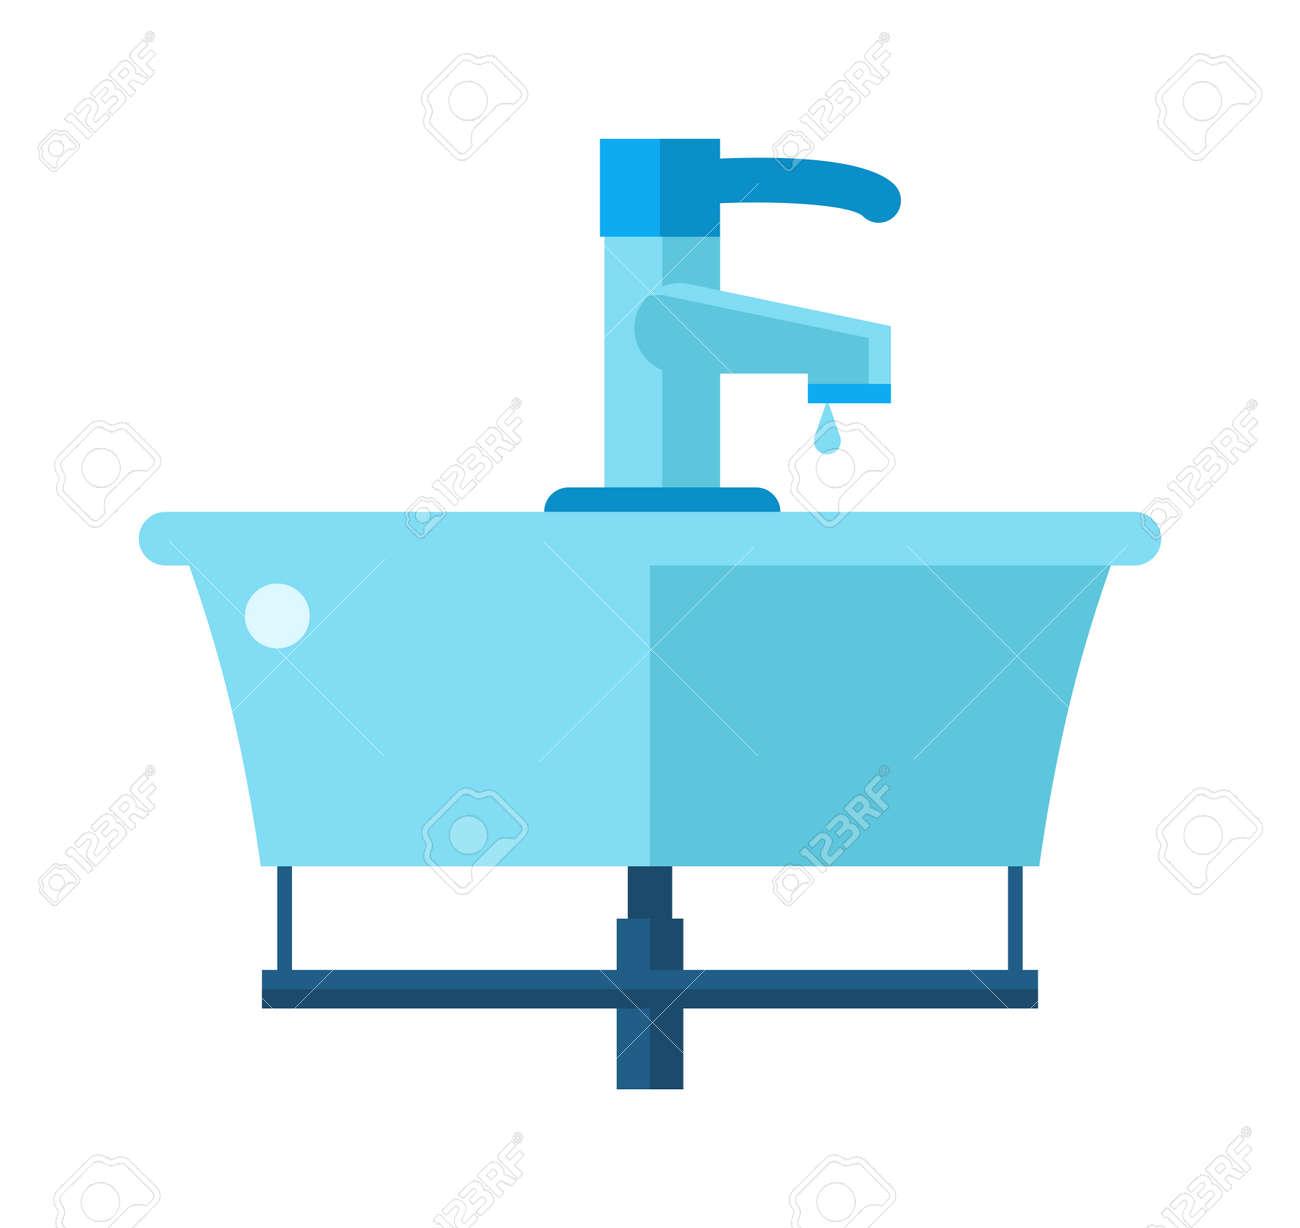 Lavabo Manos.Lavabo Objeto De Ceramica Domestica Y Un Lavabo Para Lavarse Las Manos Vector Ilustracion Vectorial De Dibujos Animados Plana Bano Lavabo